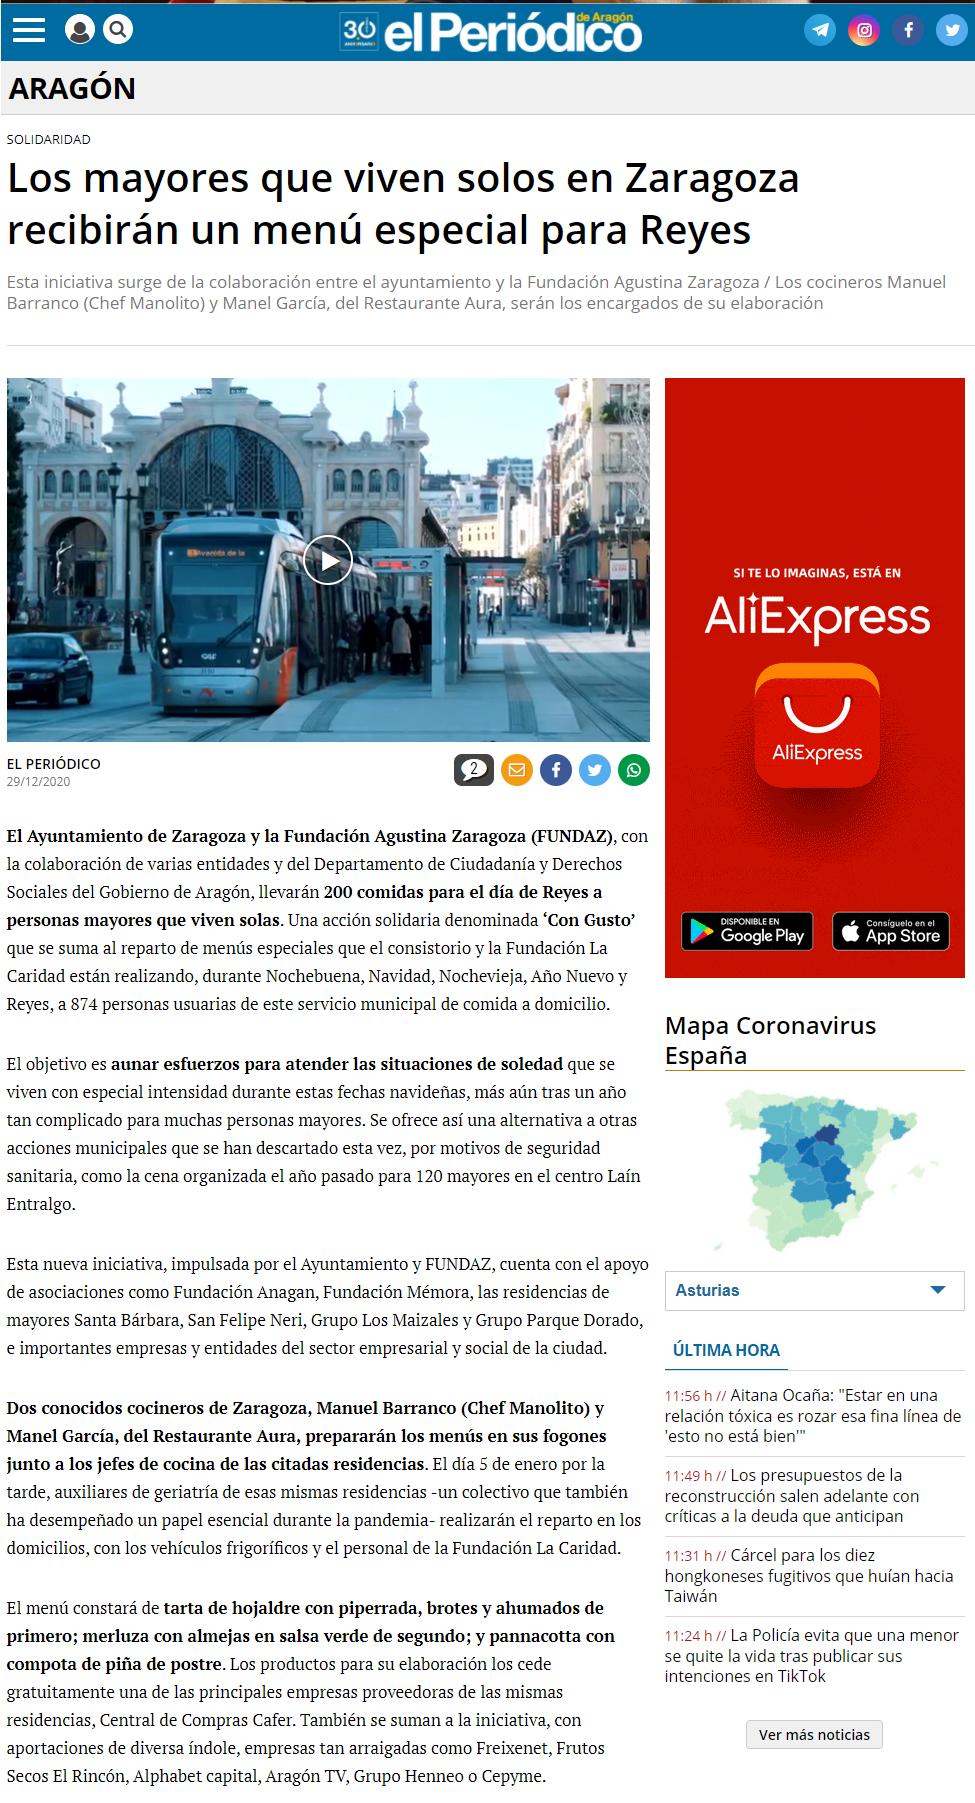 Los mayores que viven solos en Zaragoza recibirán un menú especial p_ - www.elperiodicodearagon.com